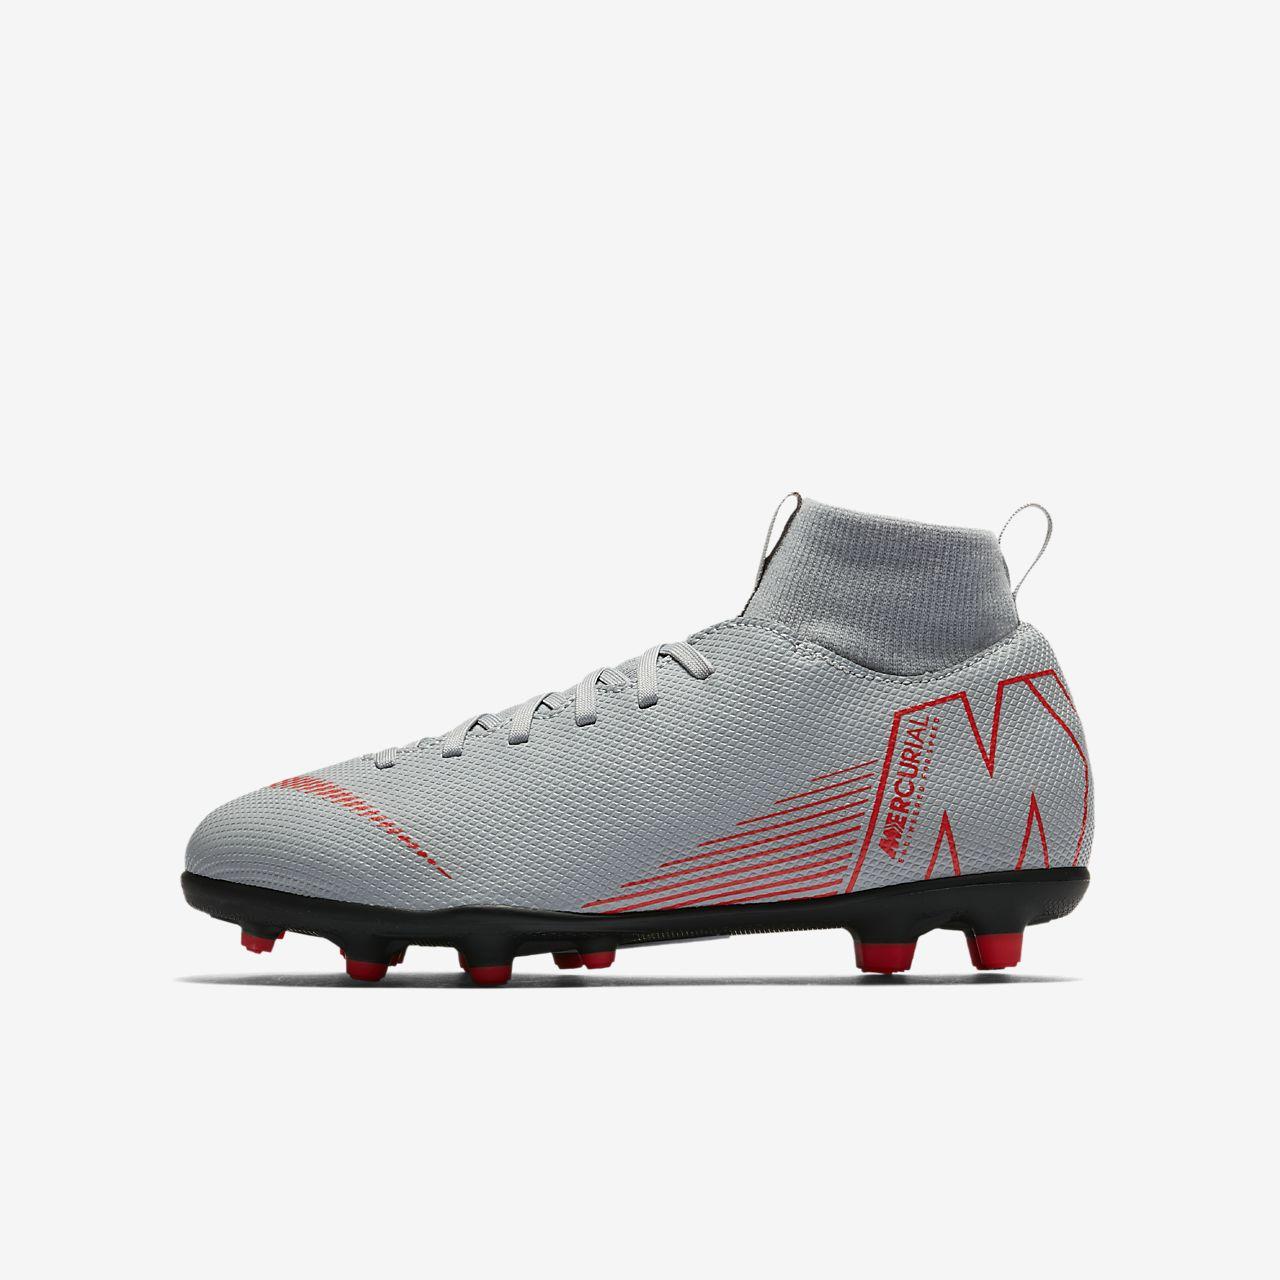 Scarpa calcio Jr Nike Mercurial Club VI multiterreno da Superfly xrIx5